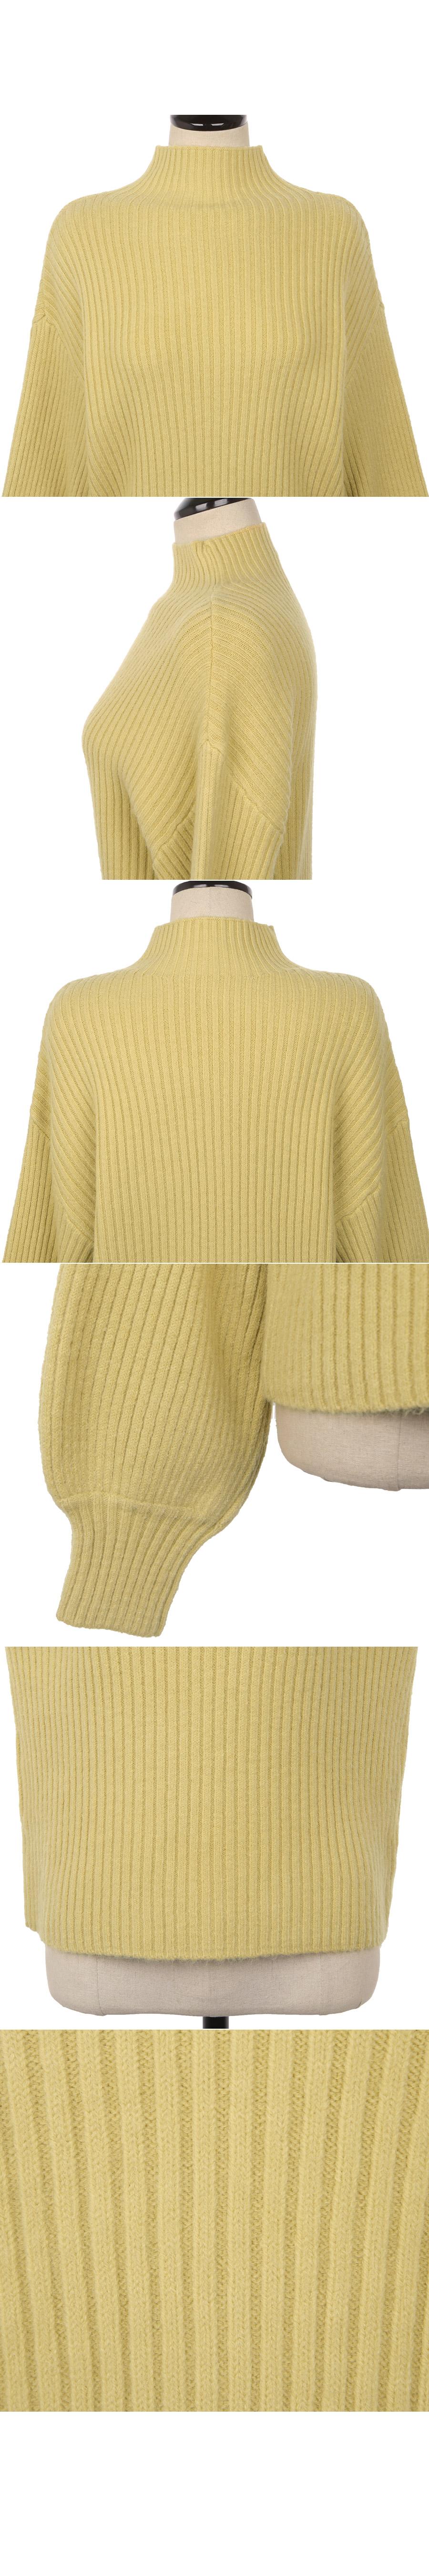 Mosty knit ivory